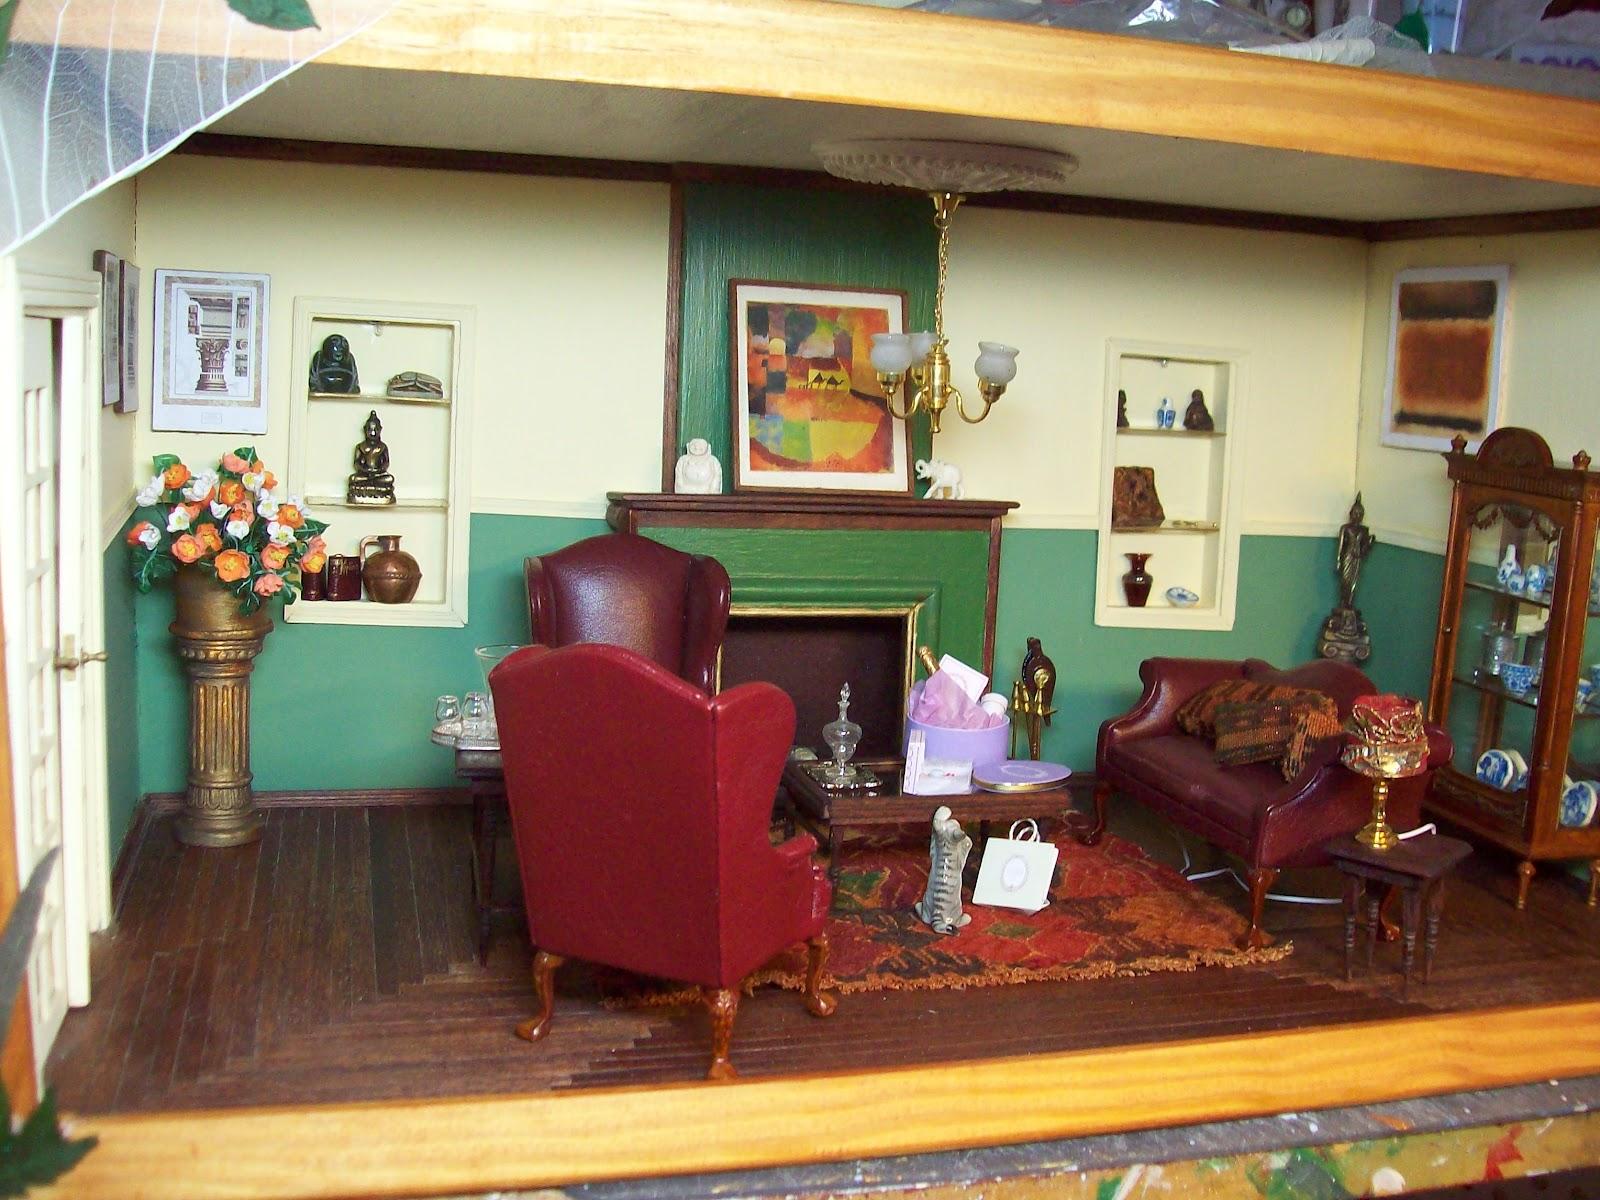 construir tu casa en miniatura: febrero 2012